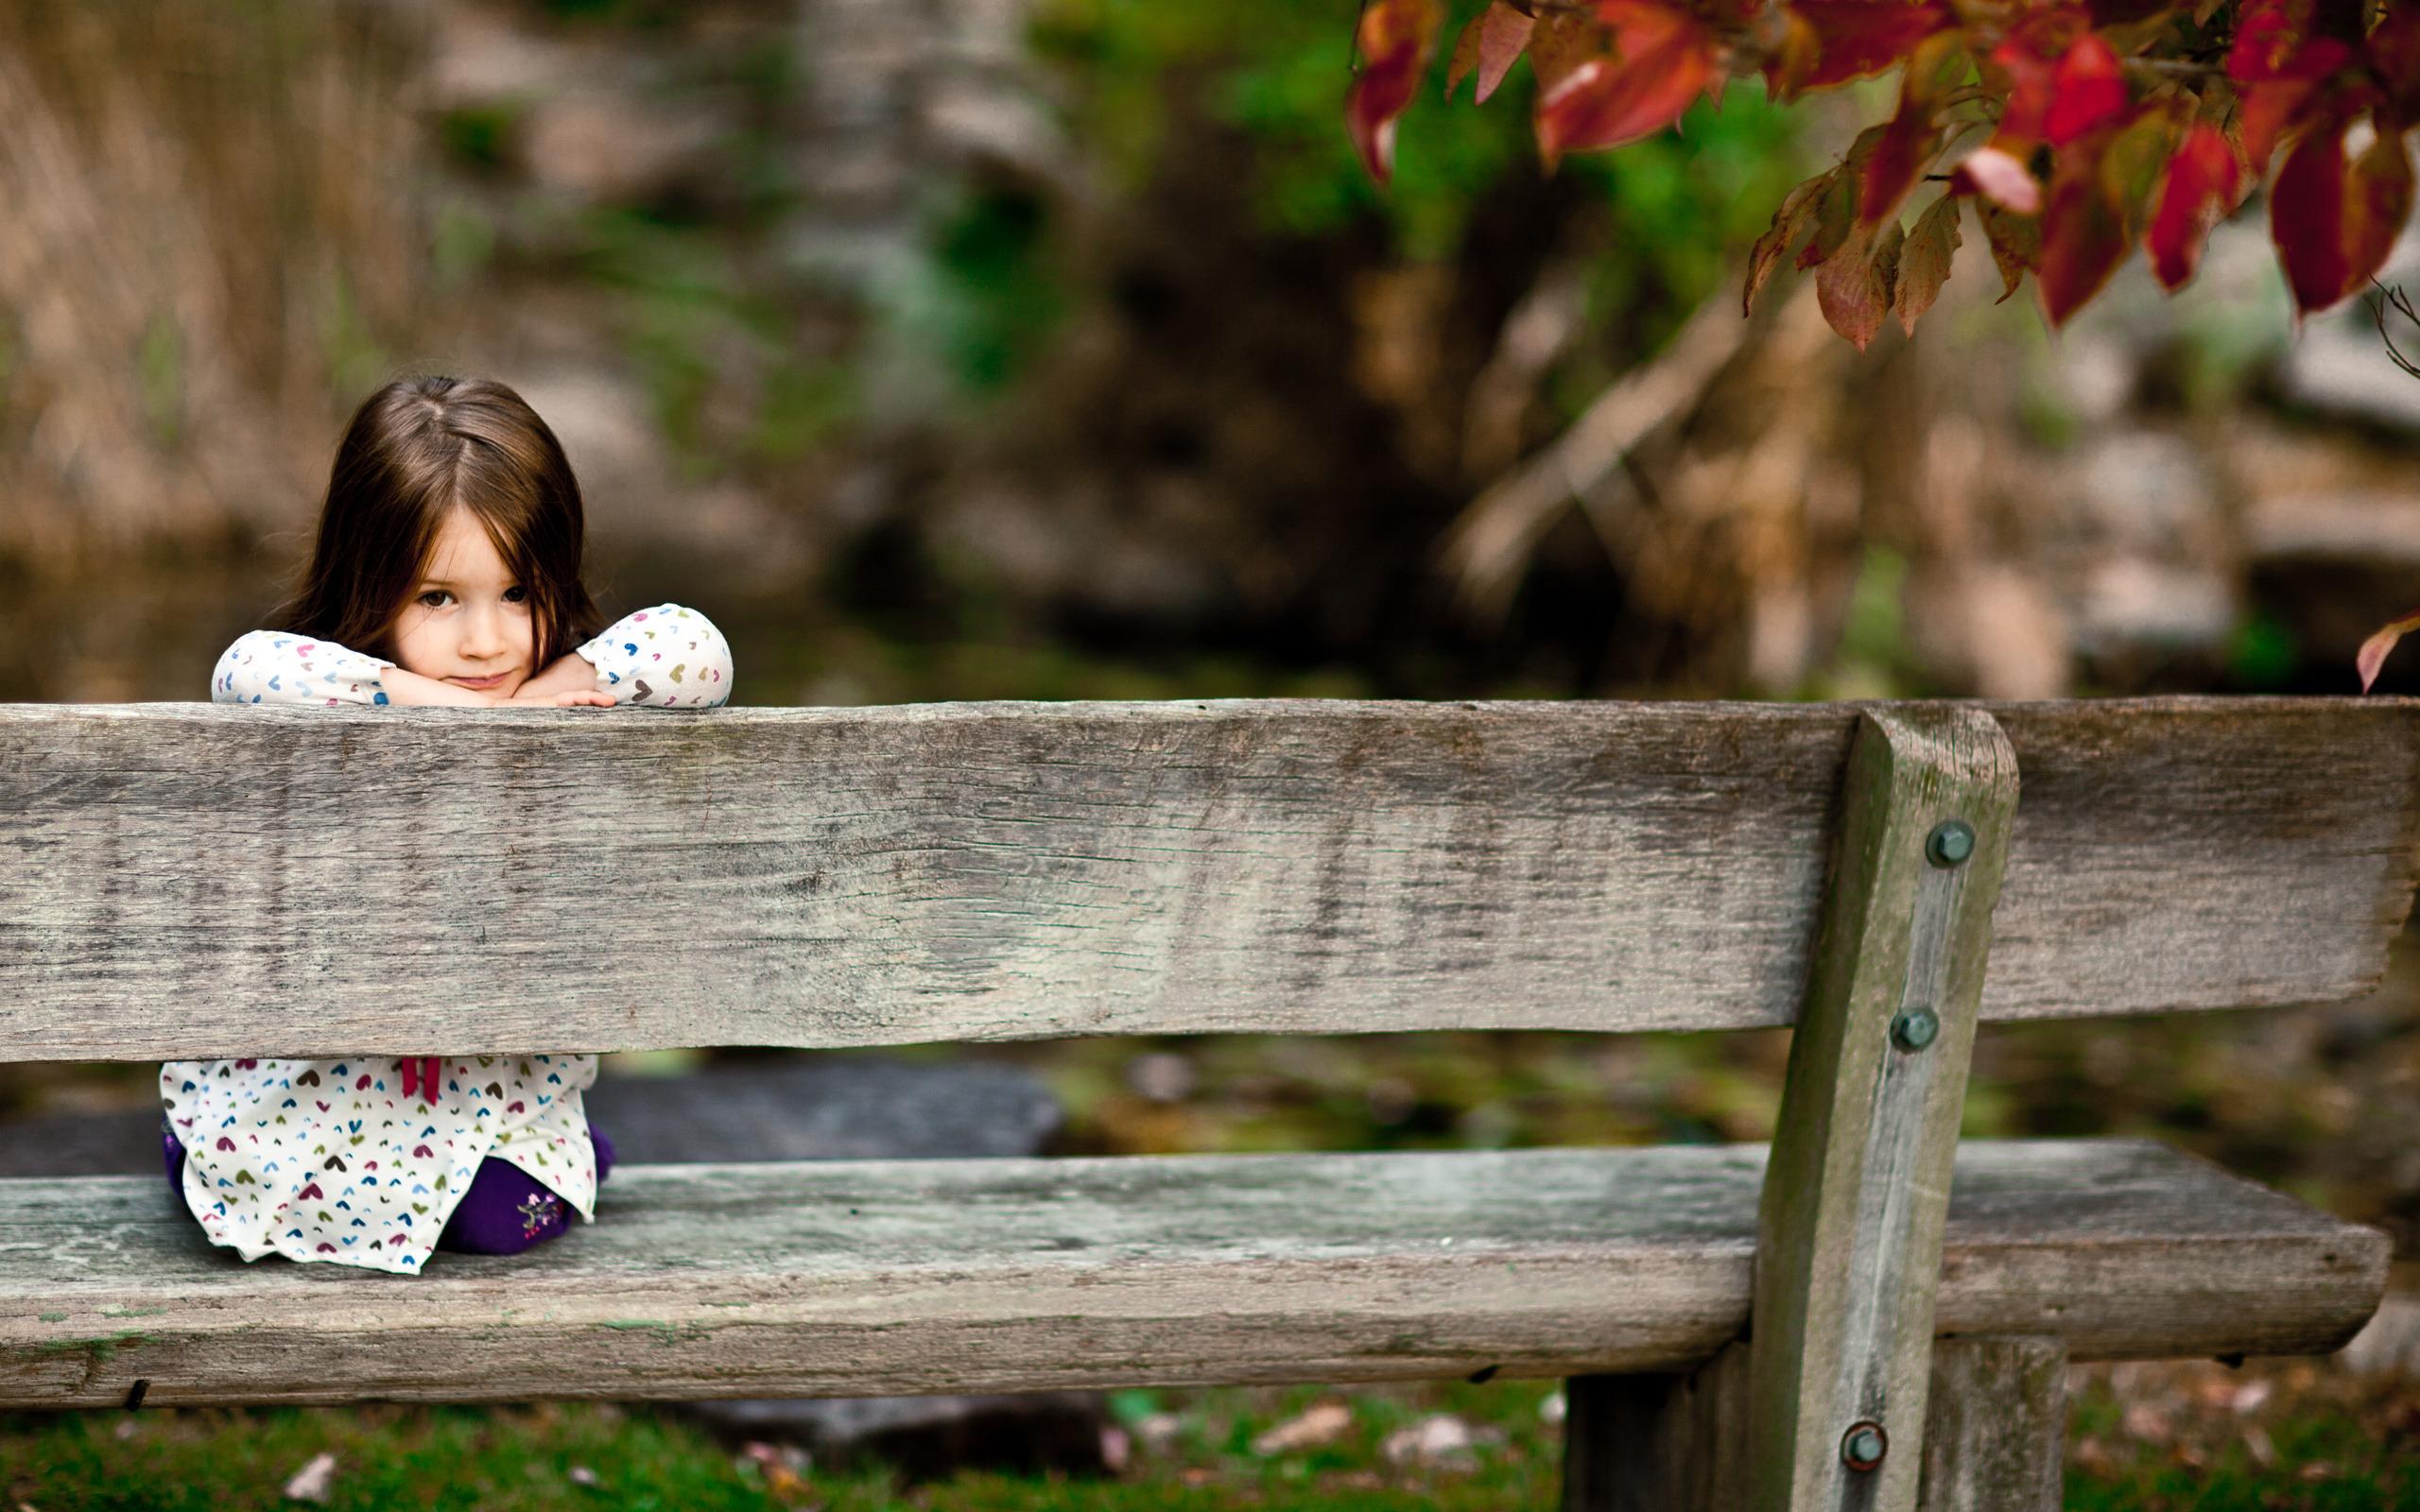 Описание фотографии настроение, дети, фото, девочка, девочки, взгляд